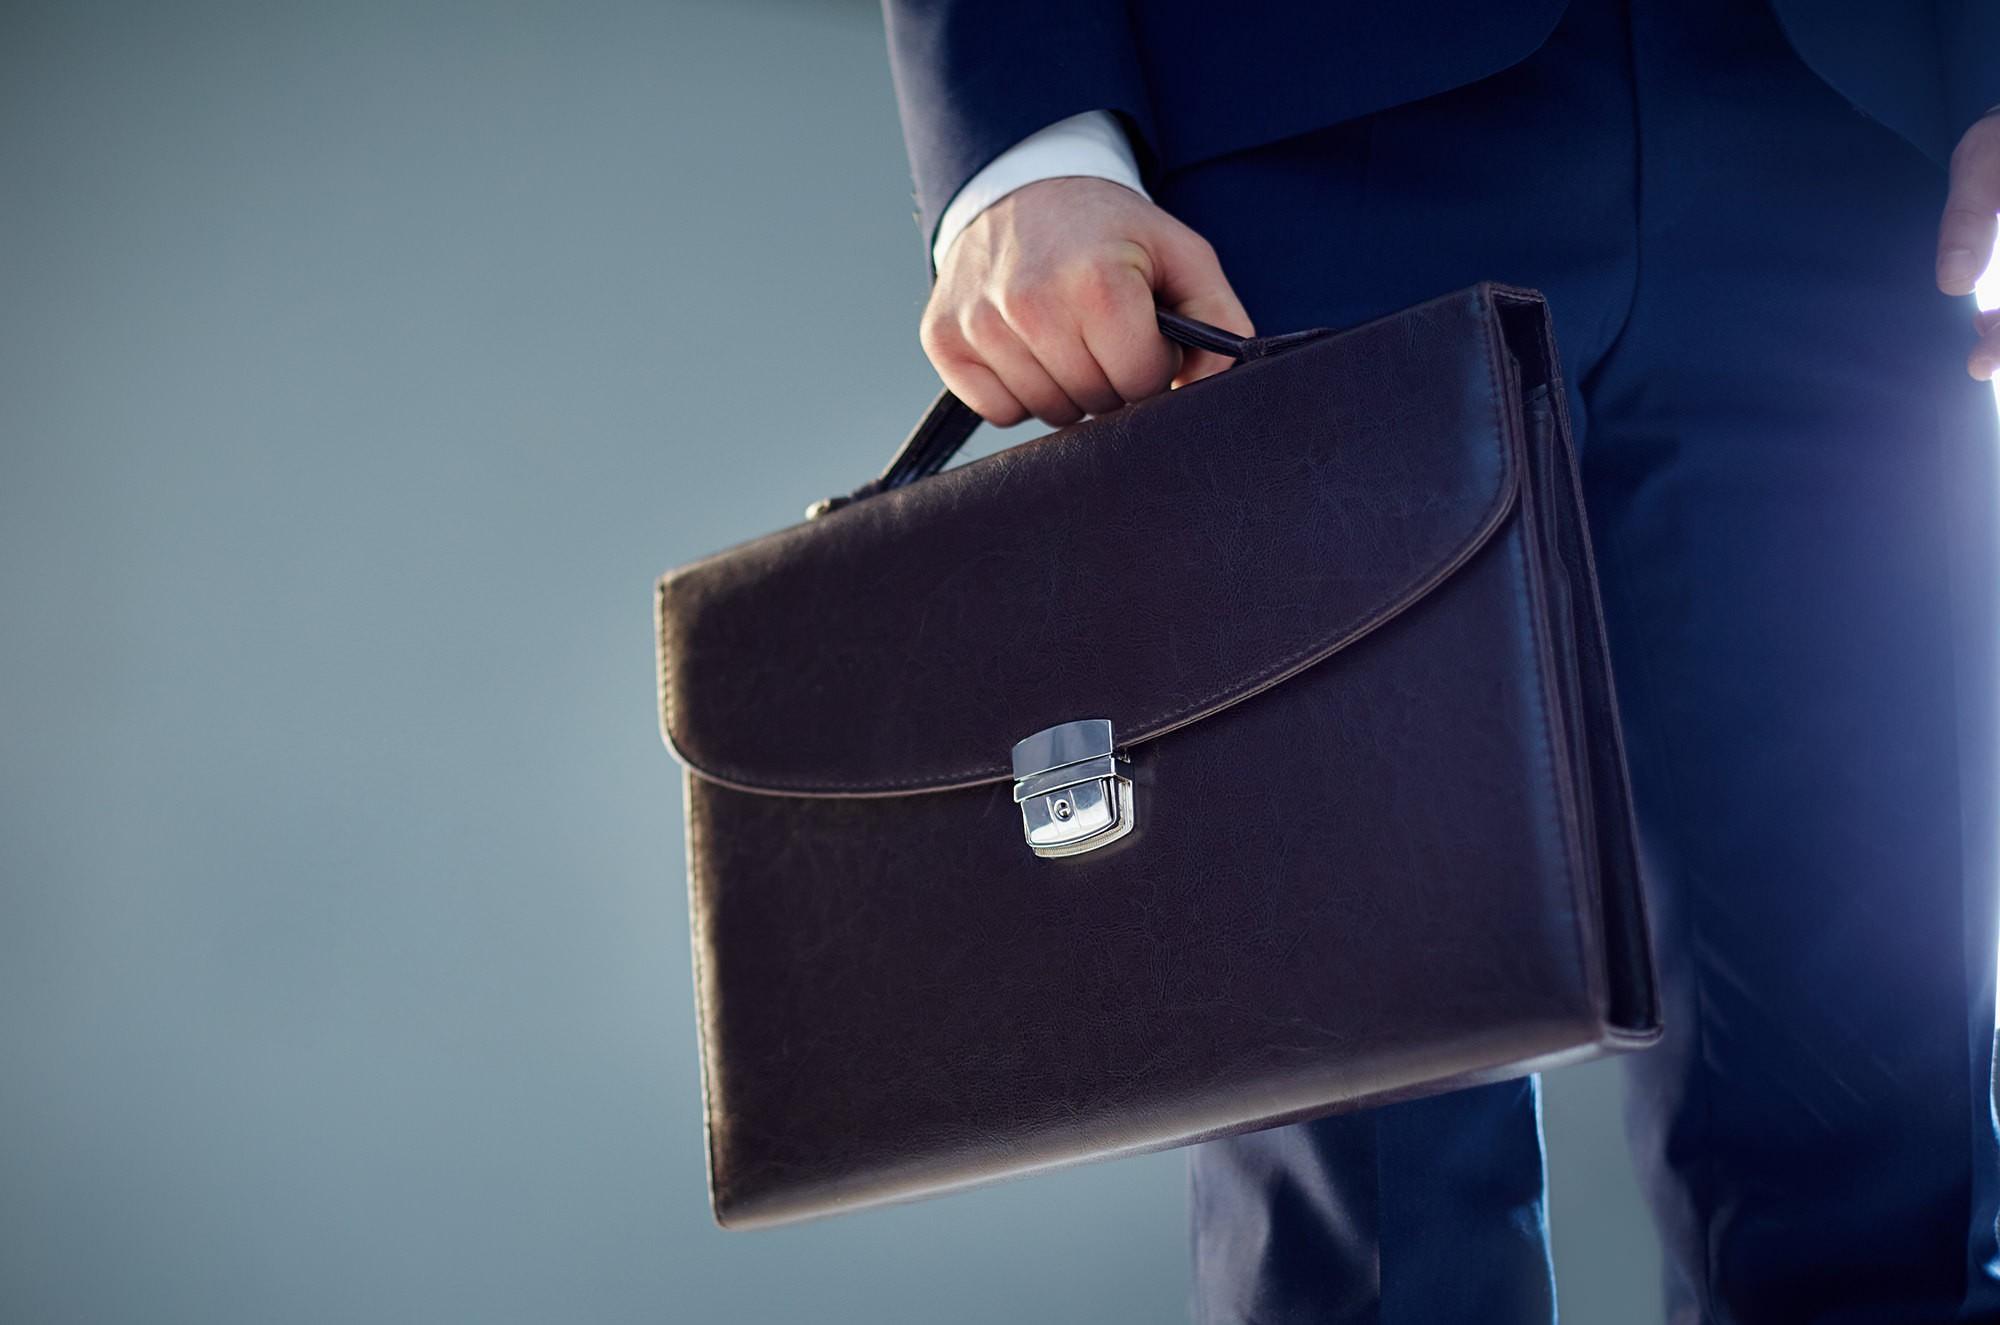 картинка портфель делового человека хотите